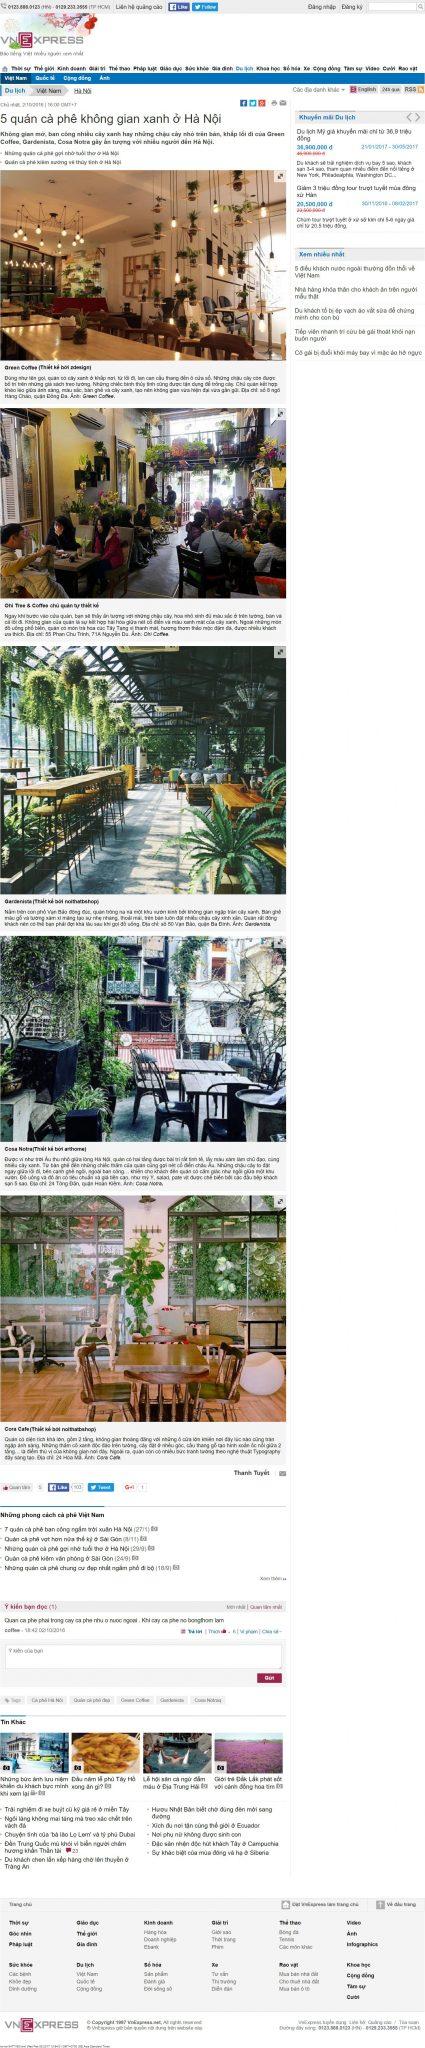 5 quán cà phê không gian xanh ở Hà Nội - VnExpress Du lịch